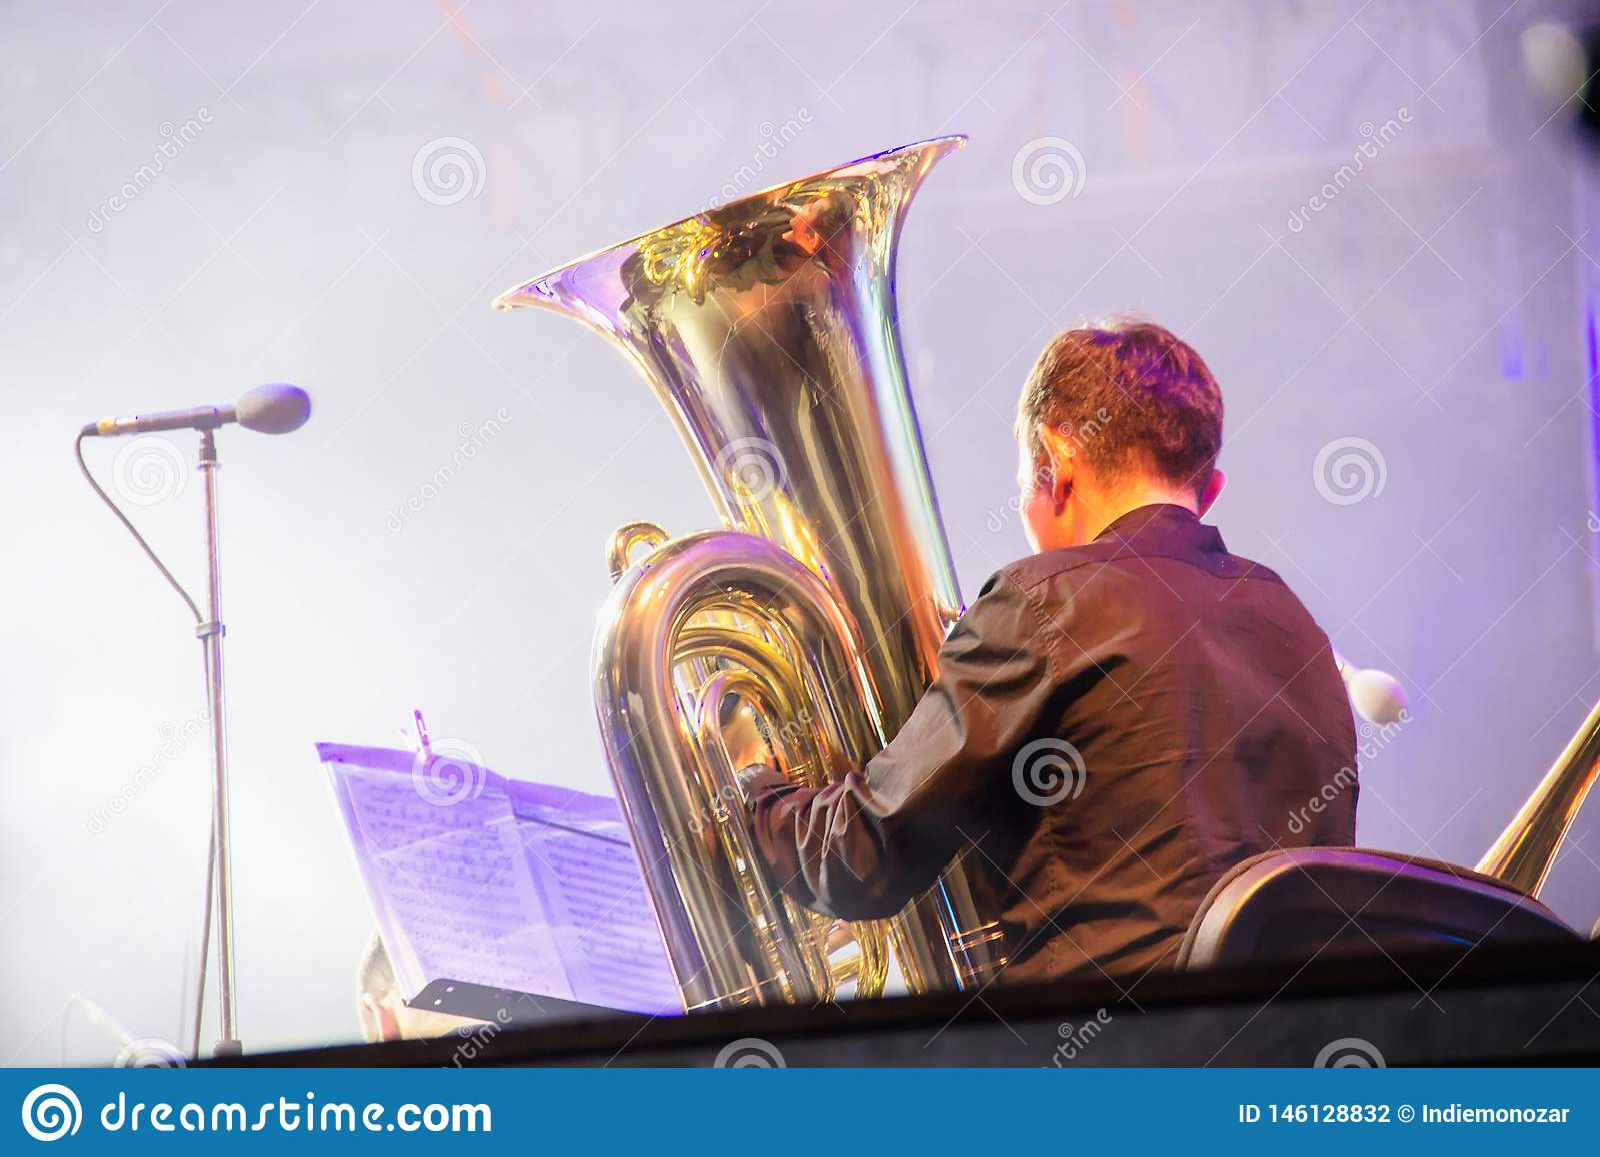 Jugador en una orquesta en la etapa, juegos de la tuba en el tubo de cobre amarillo grande, detrás del lanzamiento de las escenas